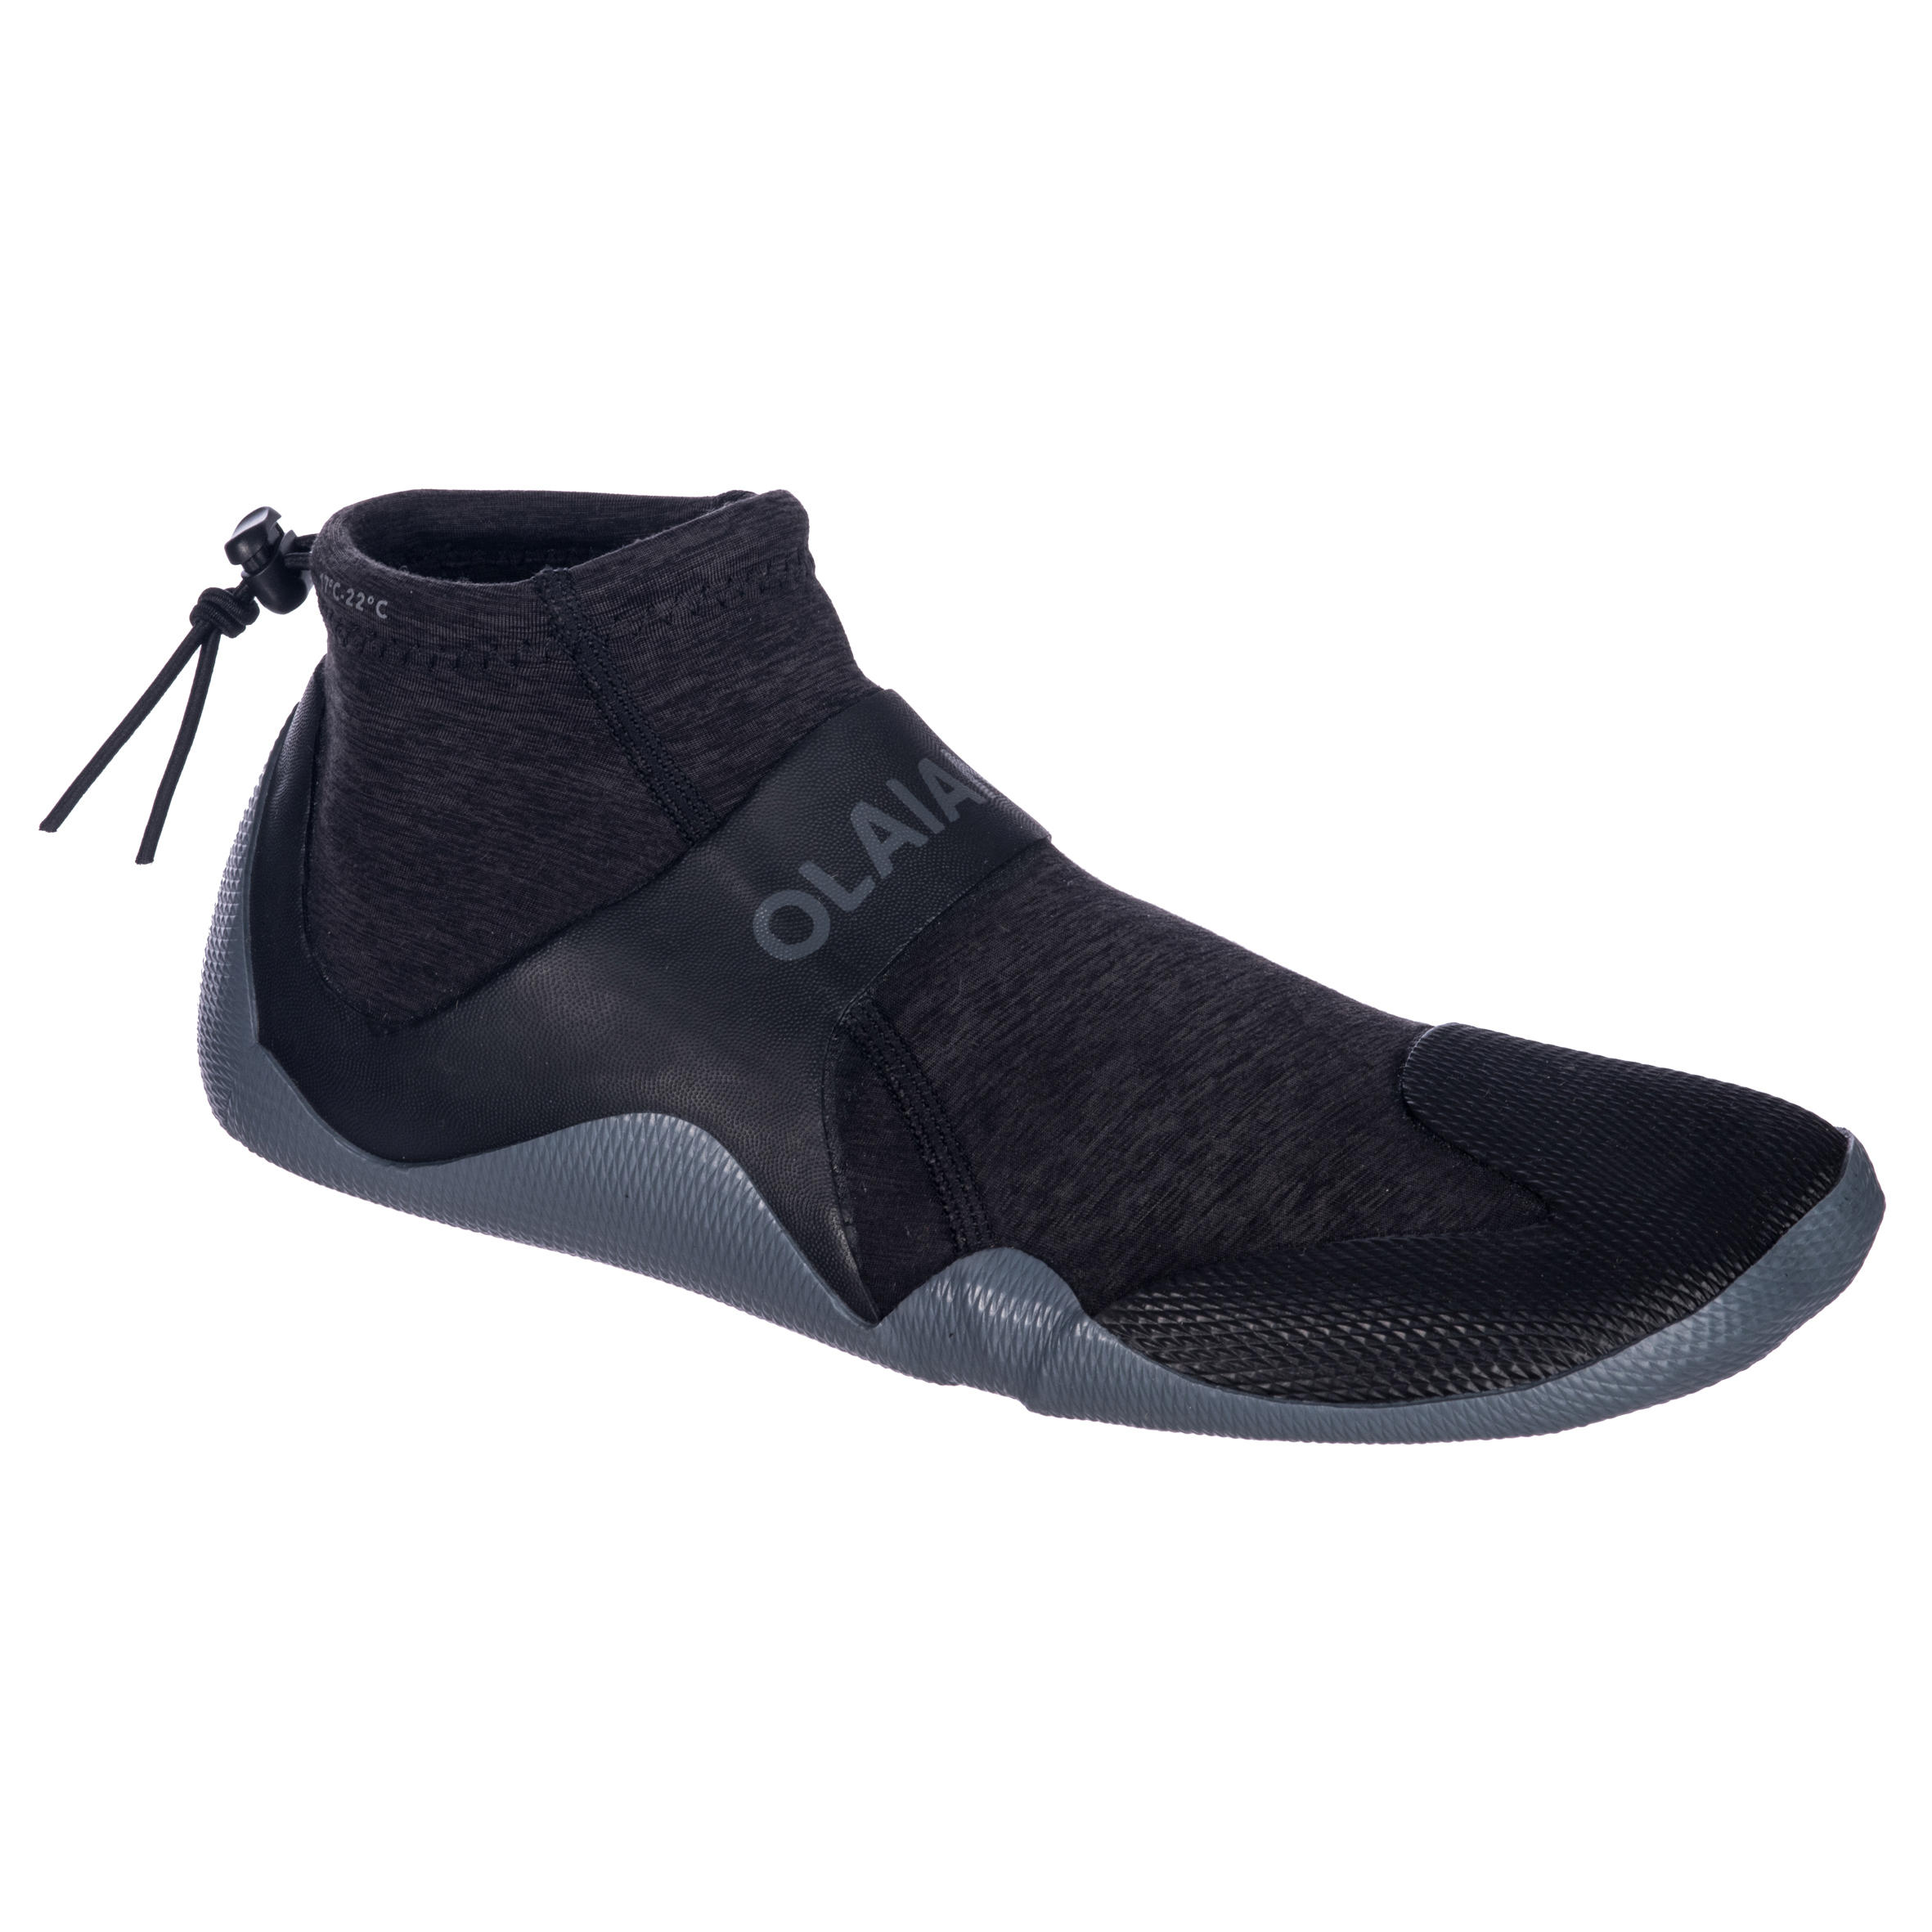 Zapatos acuáticos de caña baja Surf 500 Neopreno 2 mm Gris negro